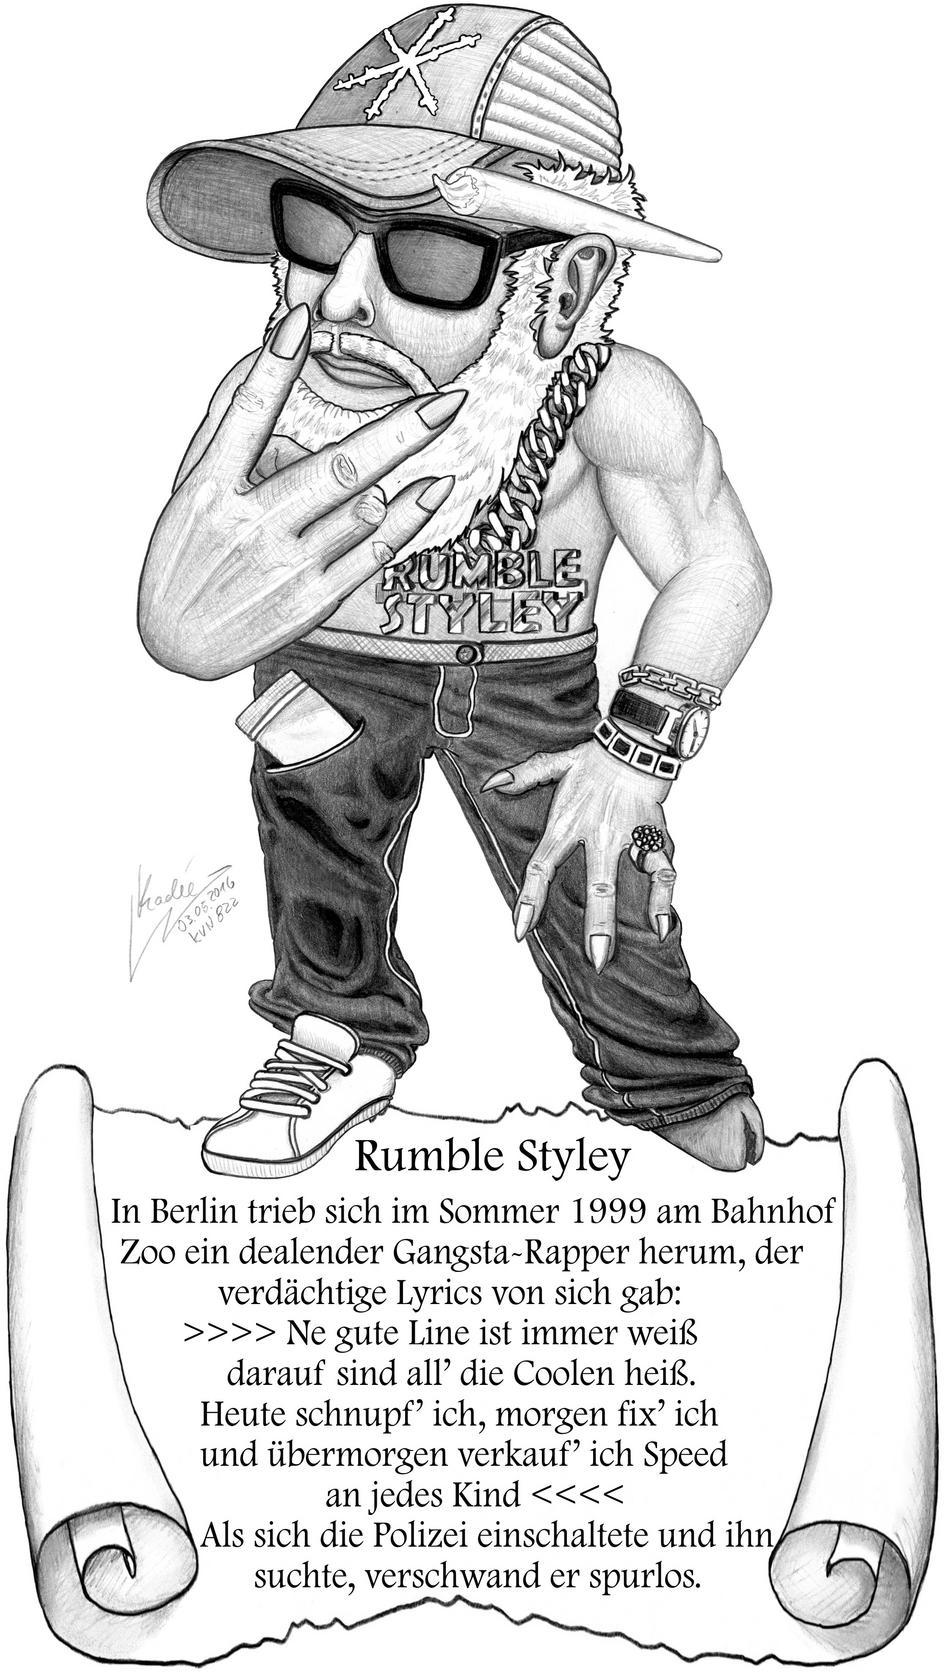 Rumble Styley (Kadée 2016 / KVN 822)